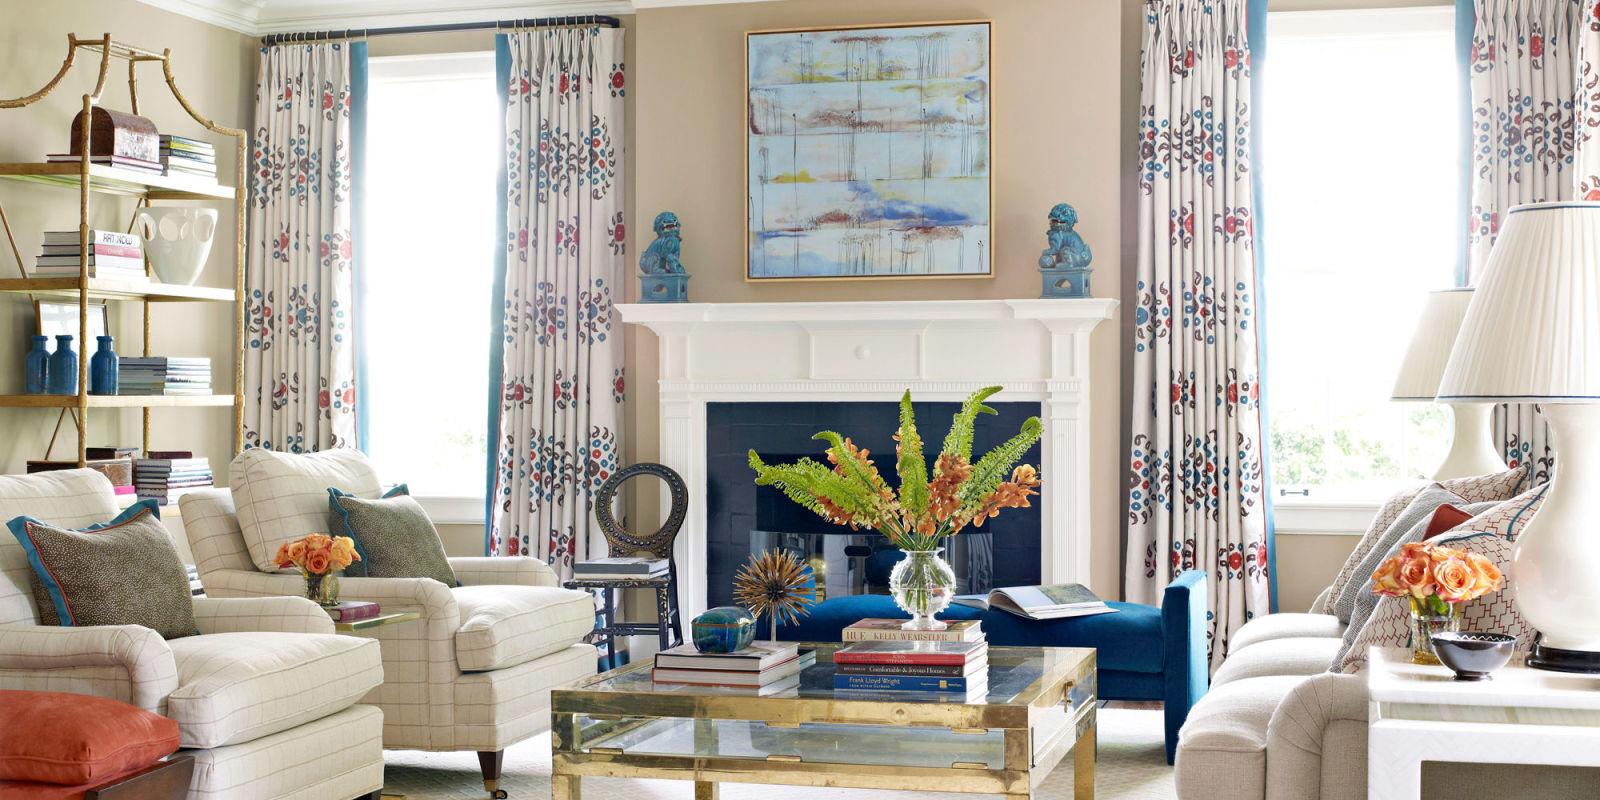 Colorful decorating ideas designer lindsey coral harper for 1940s decoration